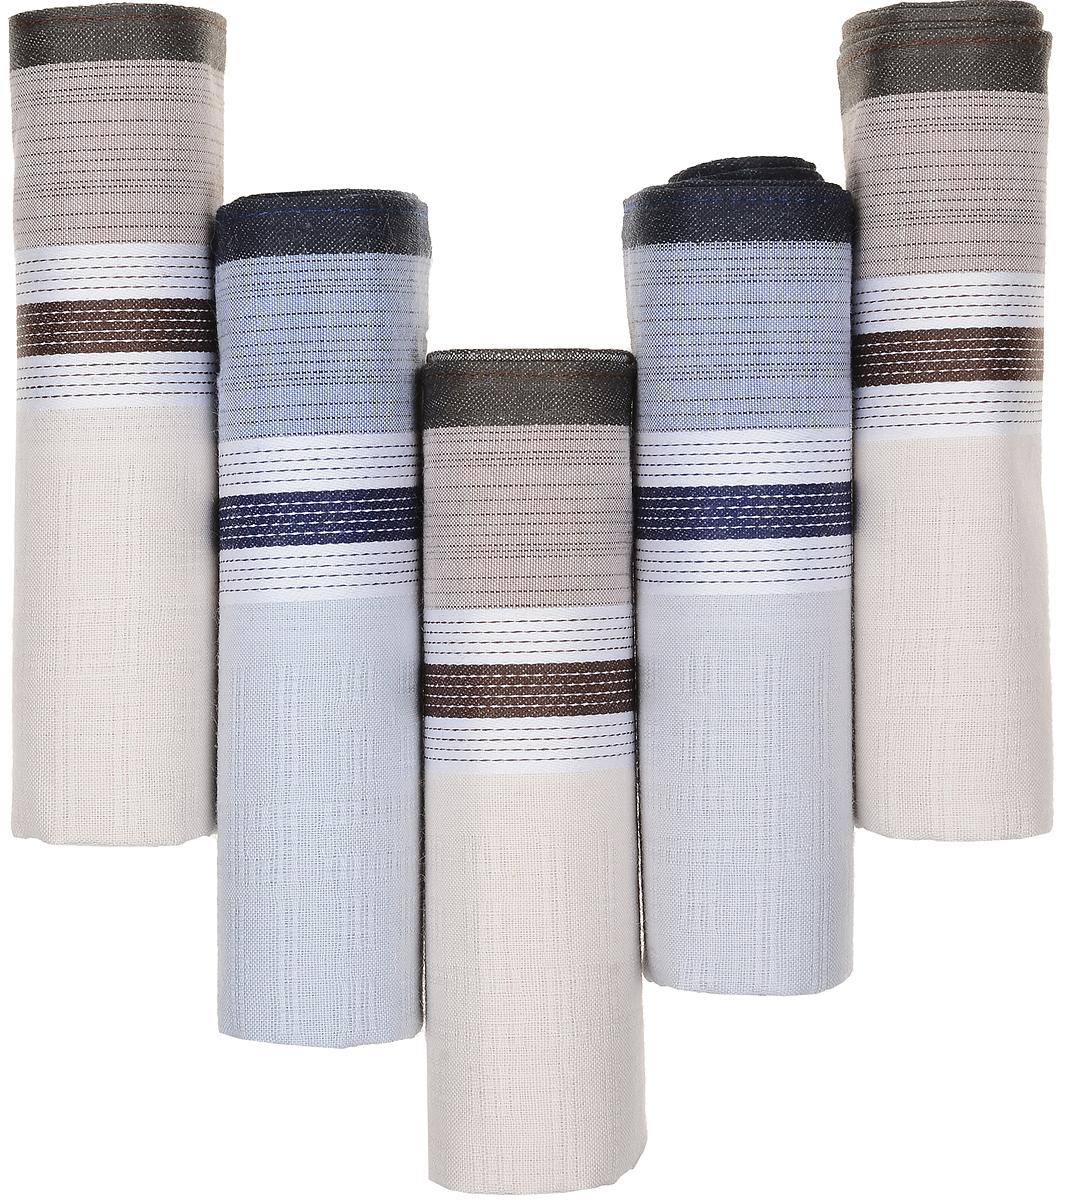 Платок носовой мужской Zlata Korunka, цвет: коричневый, голубой, бежевый, 5 шт. 90512-10. Размер 29 см х 29 см90512-10Оригинальный мужской носовой платок Zlata Korunka изготовлен из высококачественного натурального хлопка, благодаря чему приятен в использовании, хорошо стирается, не садится и отлично впитывает влагу. Практичный и изящный носовой платок будет незаменим в повседневной жизни любого современного человека. Такой платок послужит стильным аксессуаром и подчеркнет ваше превосходное чувство вкуса. В комплекте 5 платков.